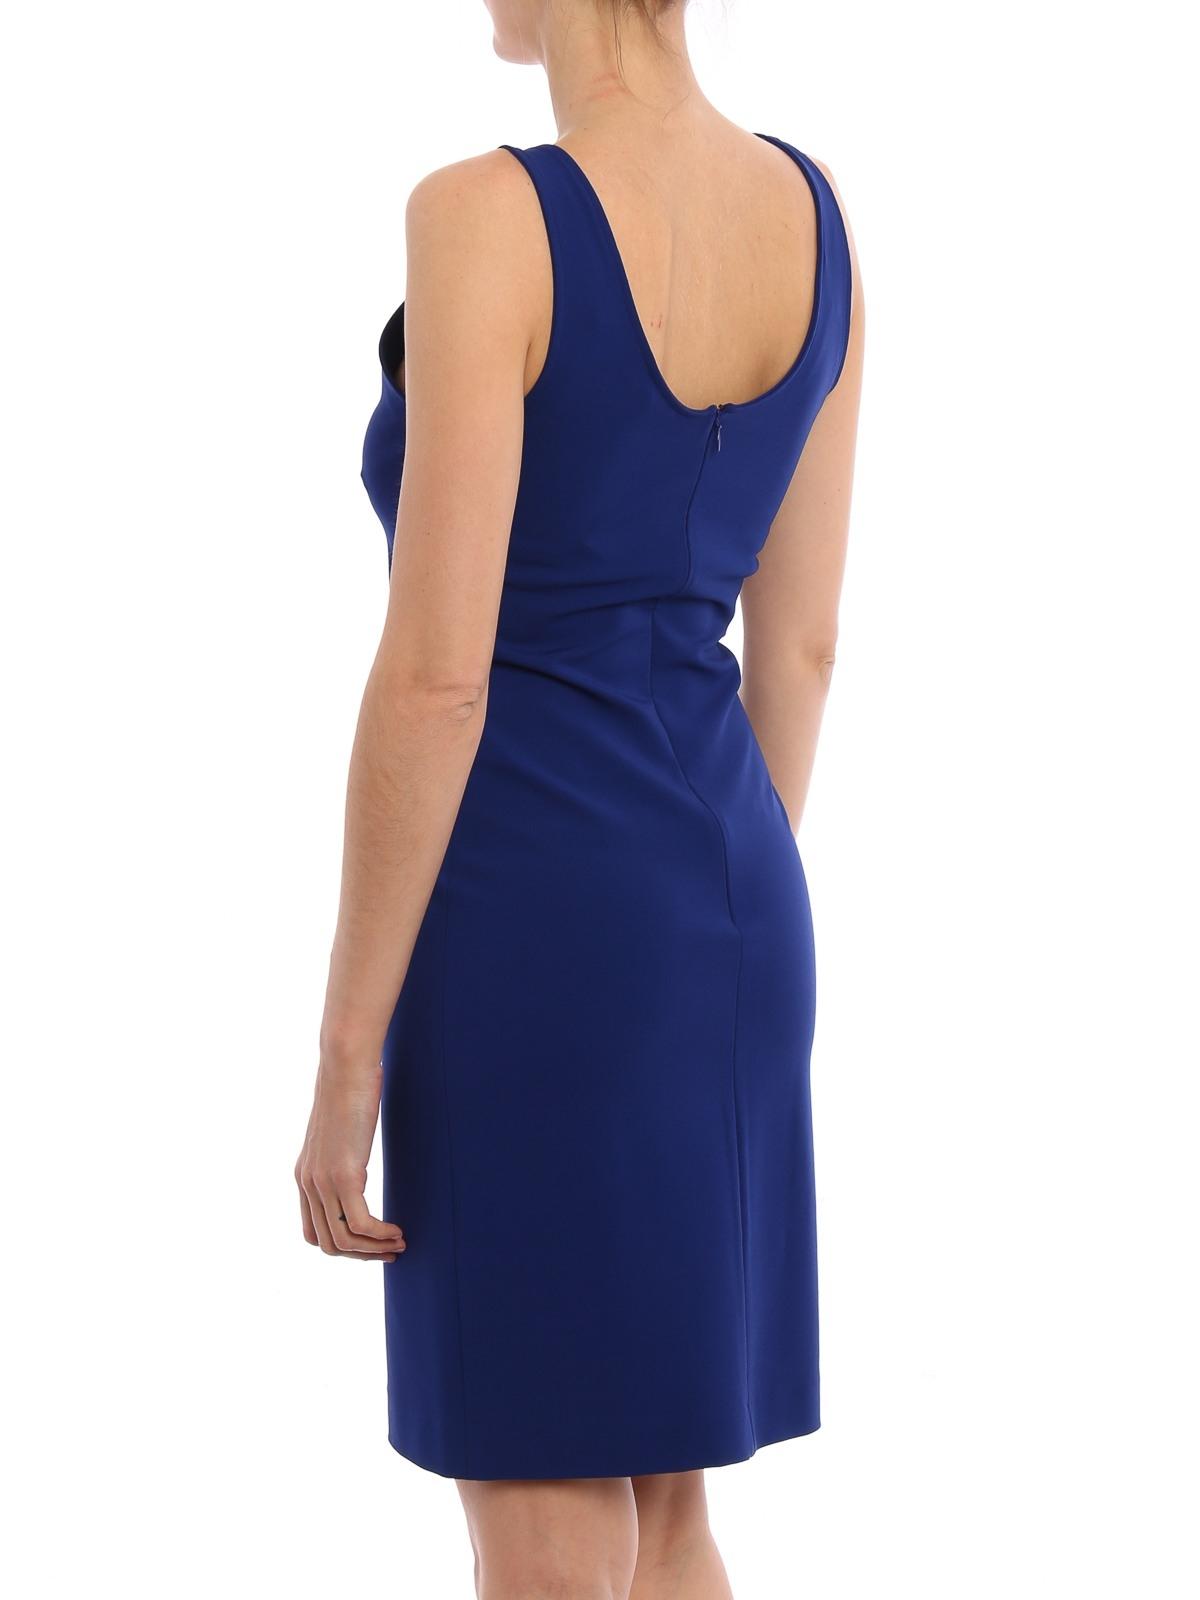 15 Schön Blaue Kurze Kleider DesignDesigner Coolste Blaue Kurze Kleider Galerie